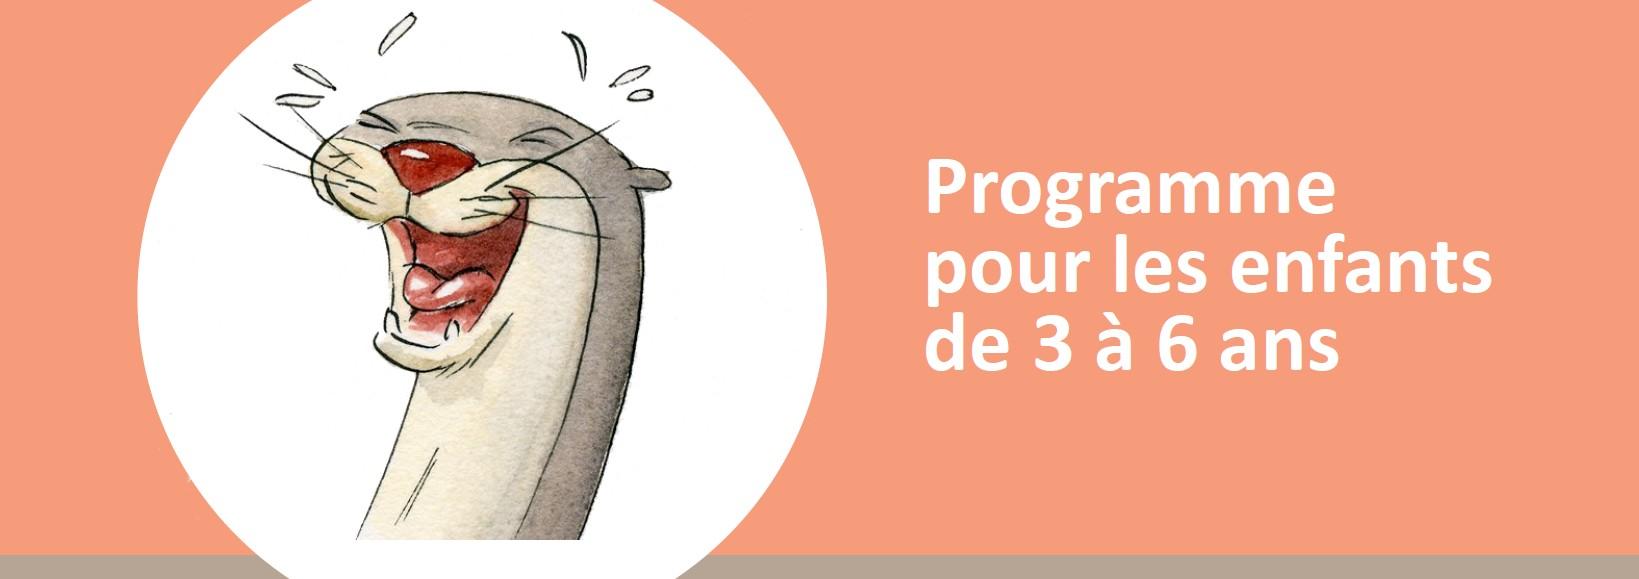 Bandeau-automne2020-3-6ans.jpg